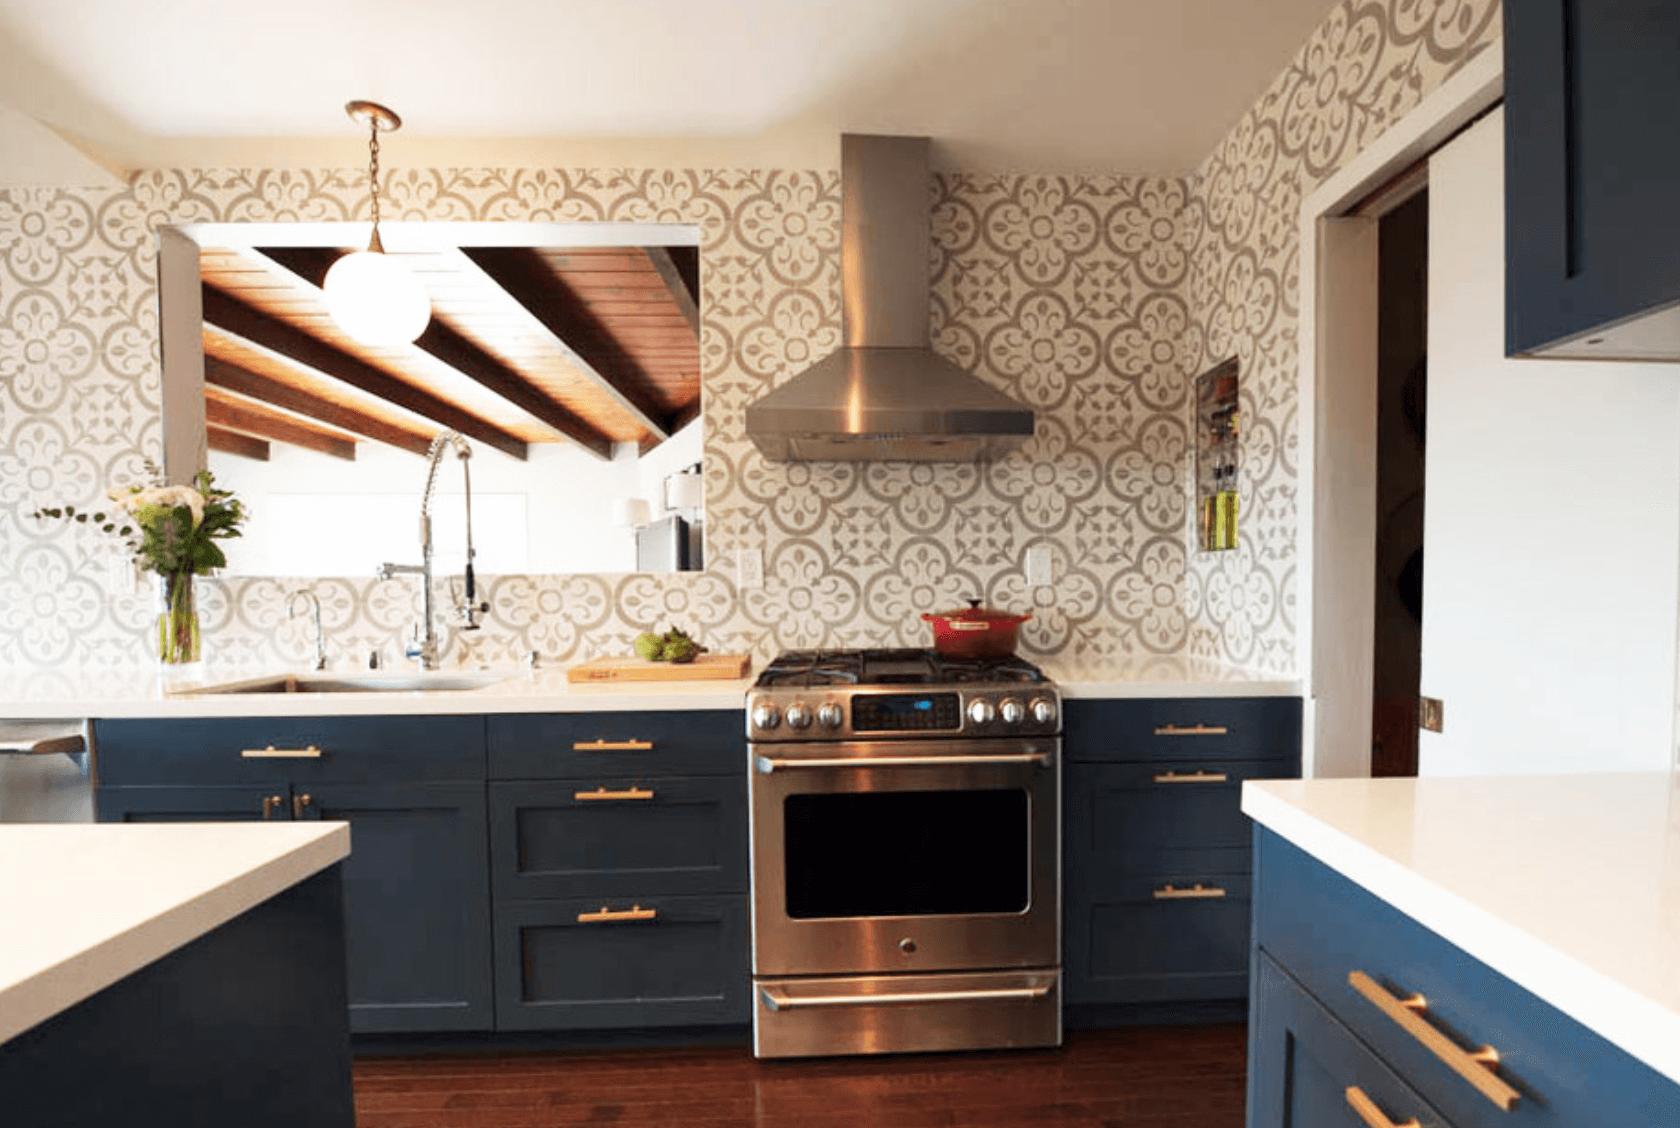 Дизайн кухни в оттенках темно-синего цвета. Фото 1